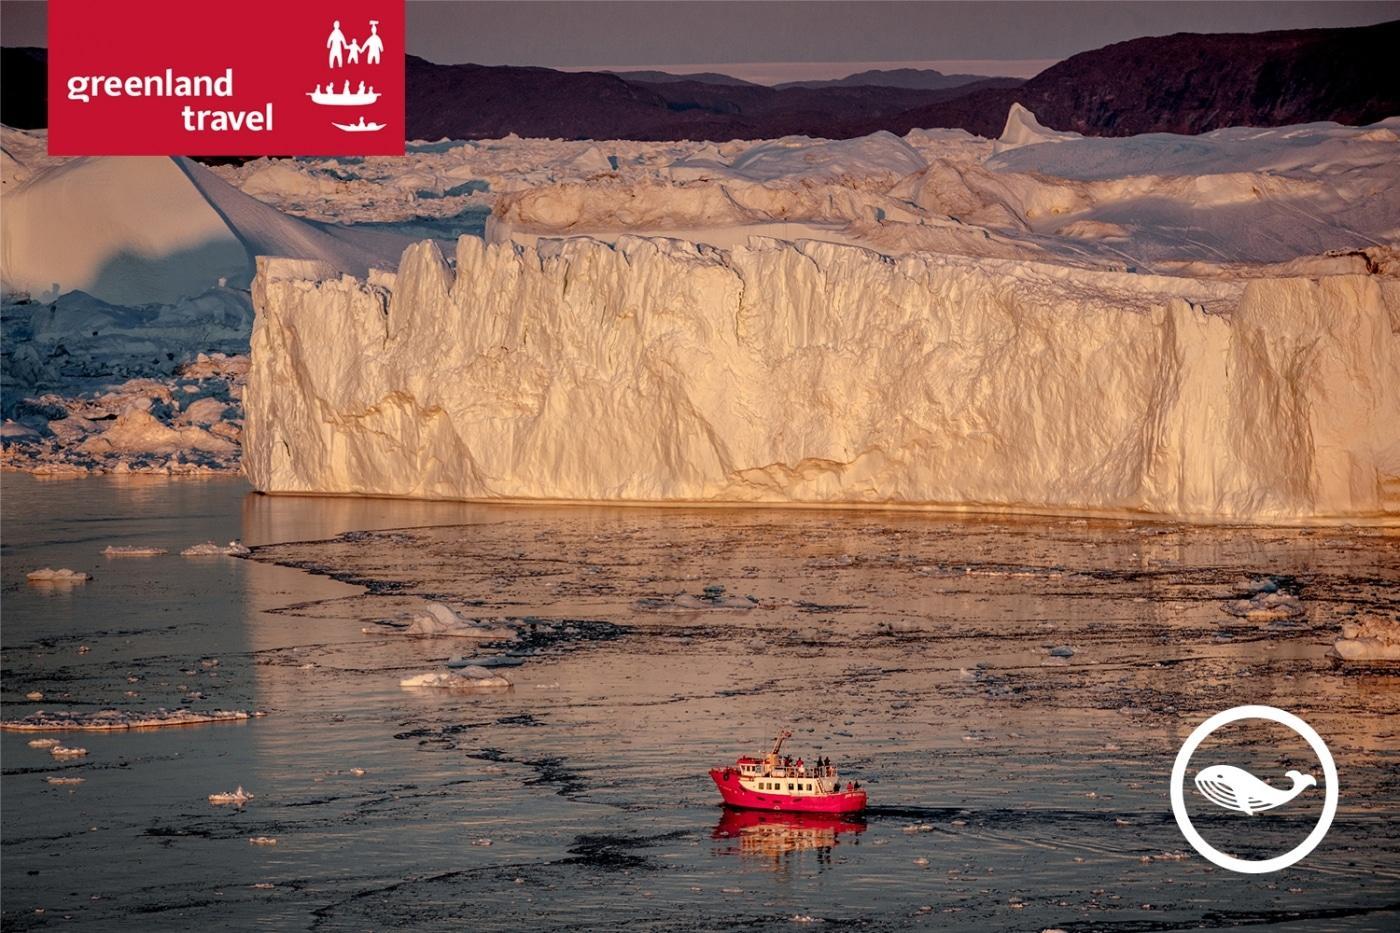 Grønlands Rejsebureau: Sommerferie i storslåede omgivelser